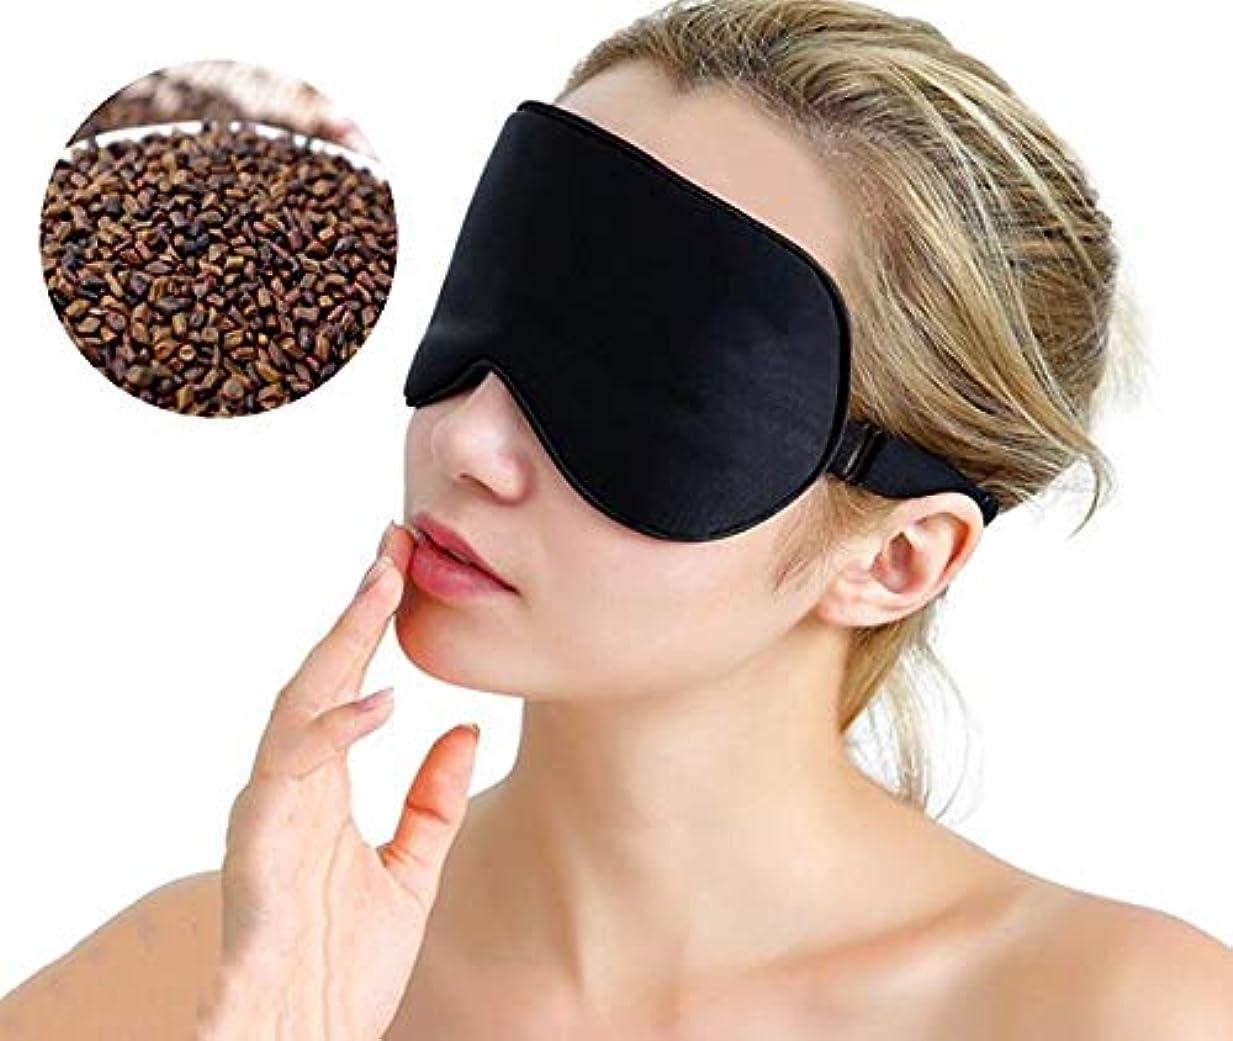 解放するレイプ読みやすいNOTE 1ピースシルクアイマスクで眠るシルク生地usb熱加熱スチームパッチ手動温度送料無料